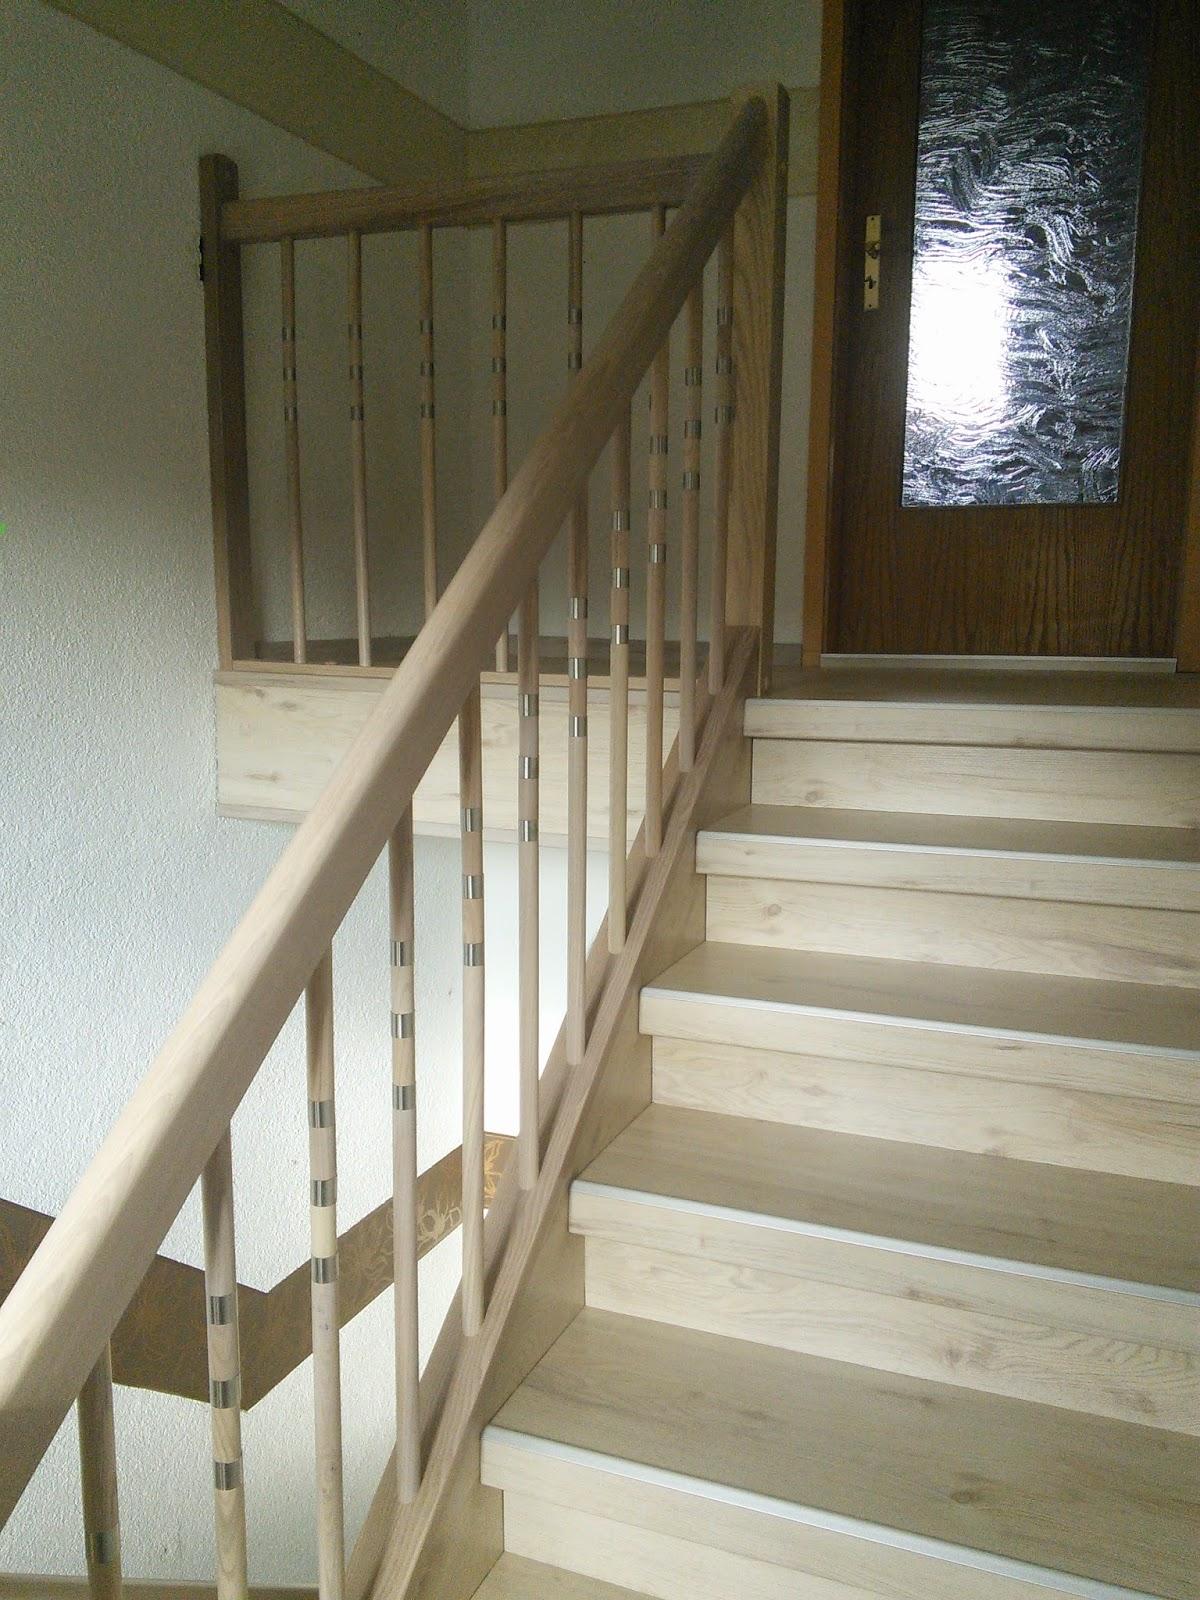 h k treppenrenovierung treppenstufen renovieren vom fachmann erkl rt. Black Bedroom Furniture Sets. Home Design Ideas